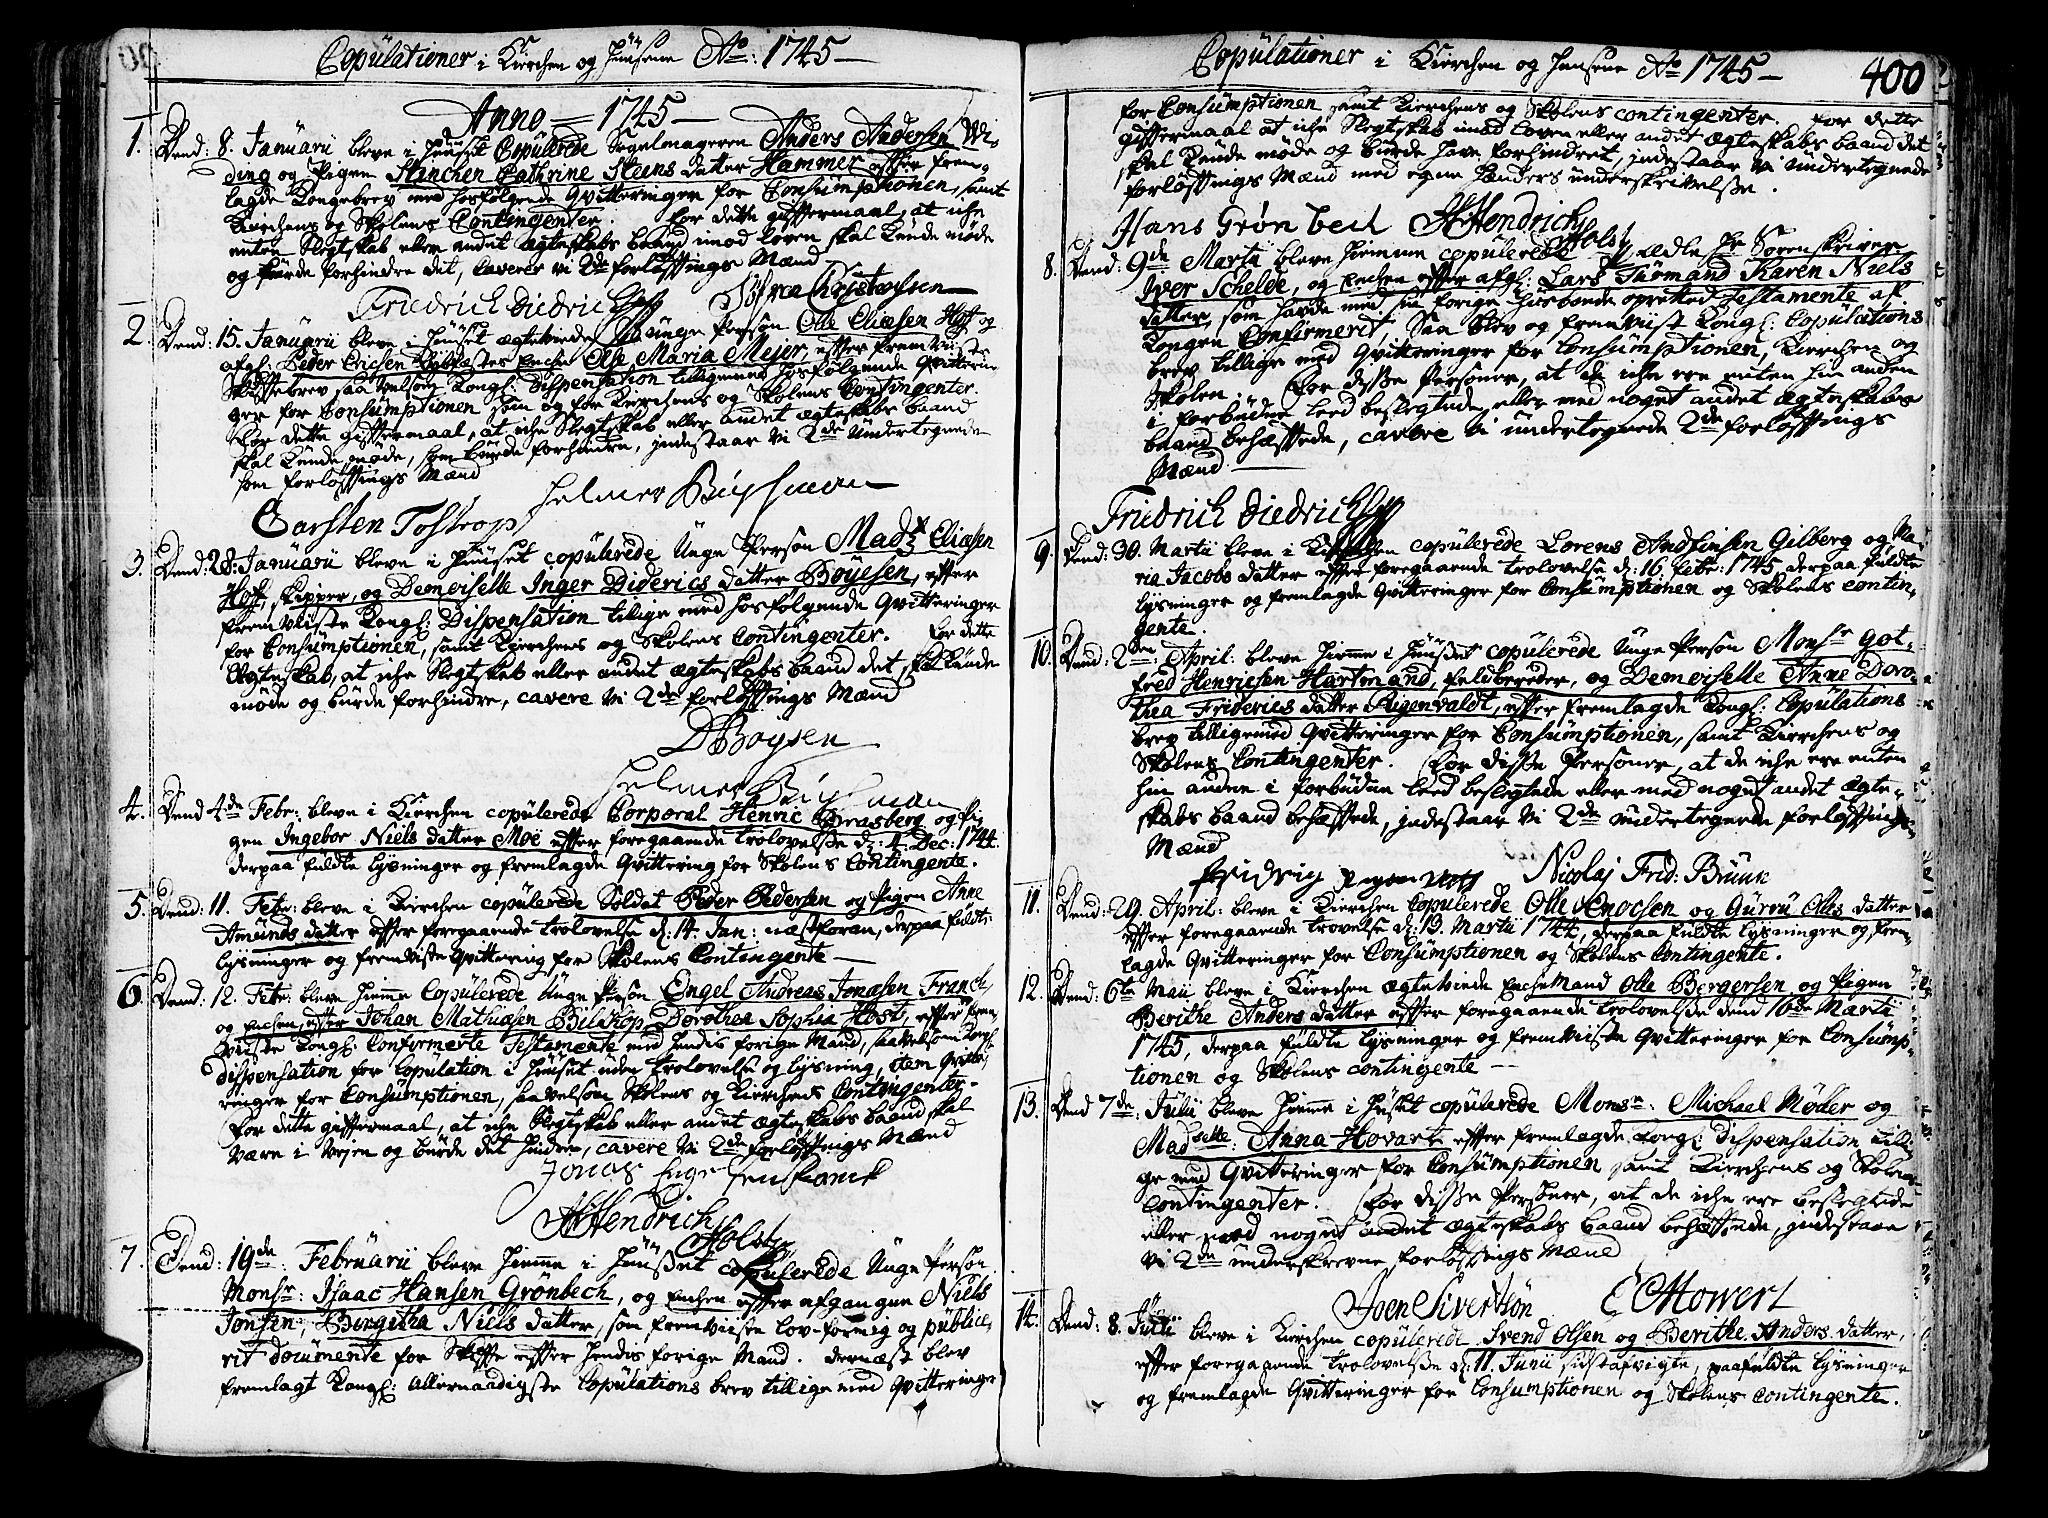 SAT, Ministerialprotokoller, klokkerbøker og fødselsregistre - Sør-Trøndelag, 602/L0103: Ministerialbok nr. 602A01, 1732-1774, s. 400